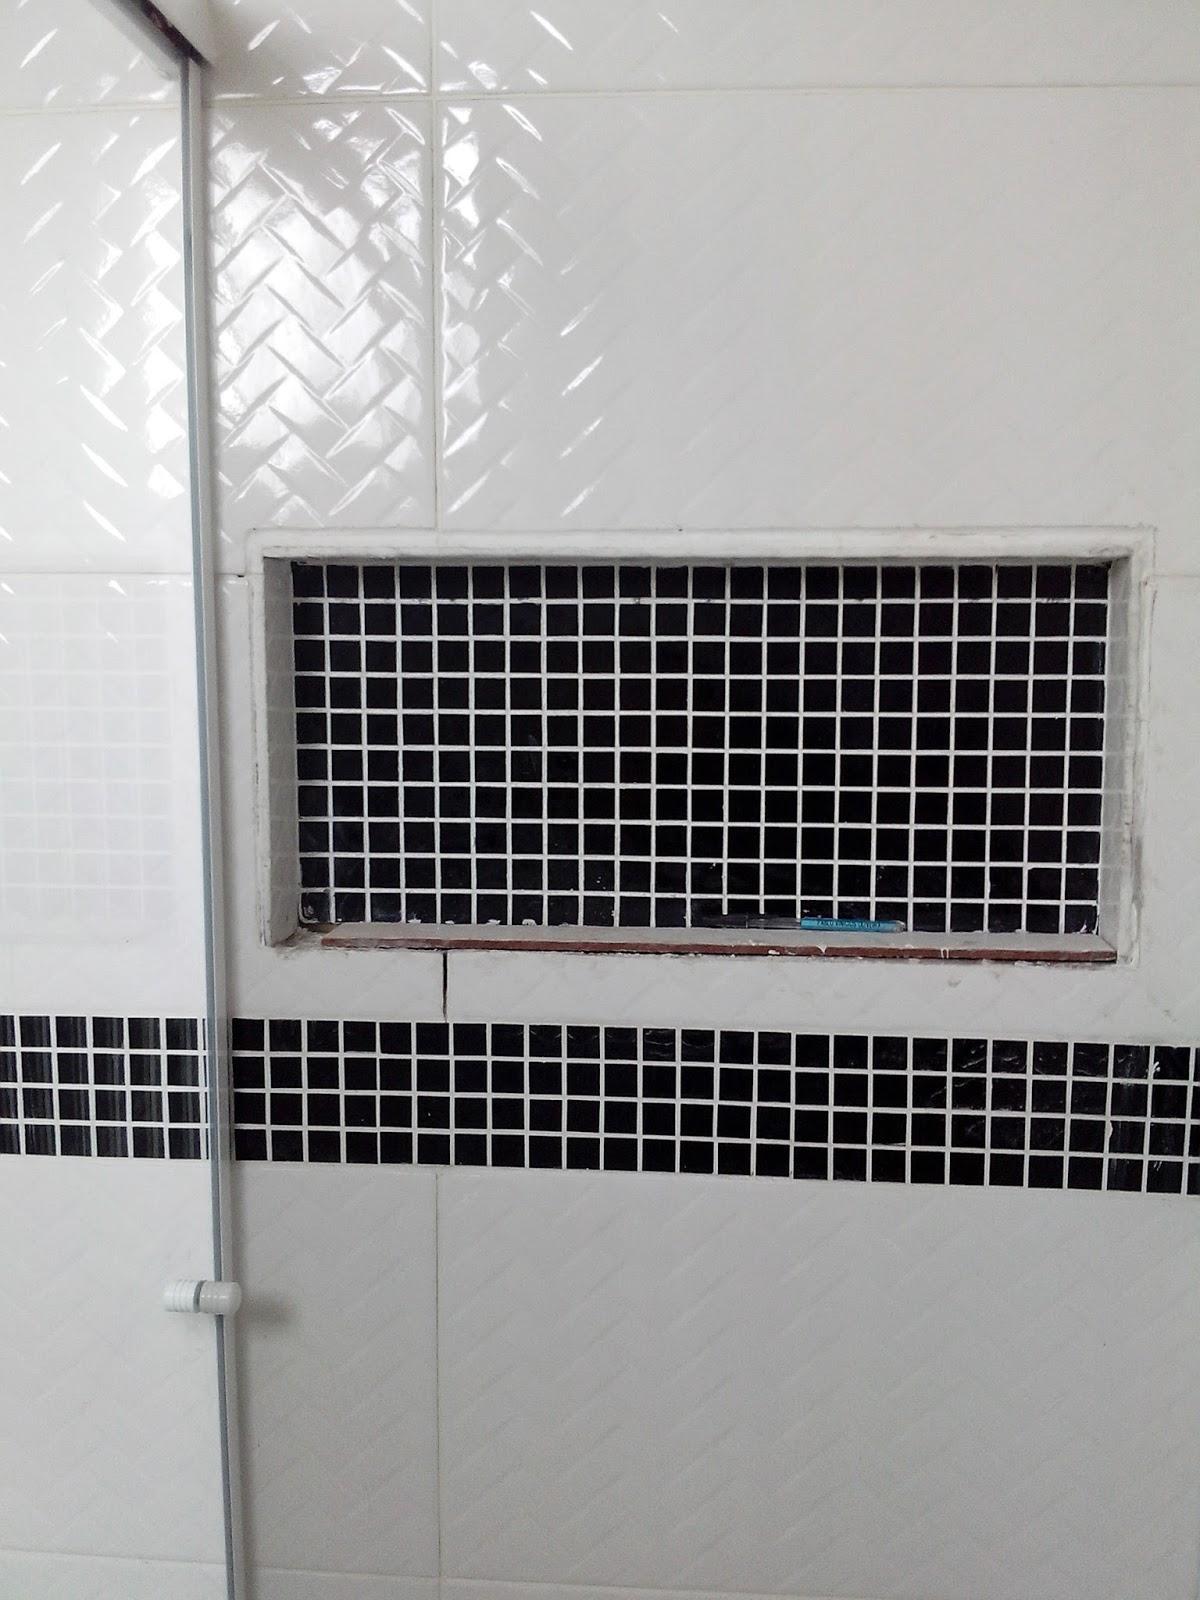 #446776 Nicho revestido com pastilha de vidro a mesma que faz parte da faixa  1200x1600 px Banheiro Nicho Pastilhas 2731